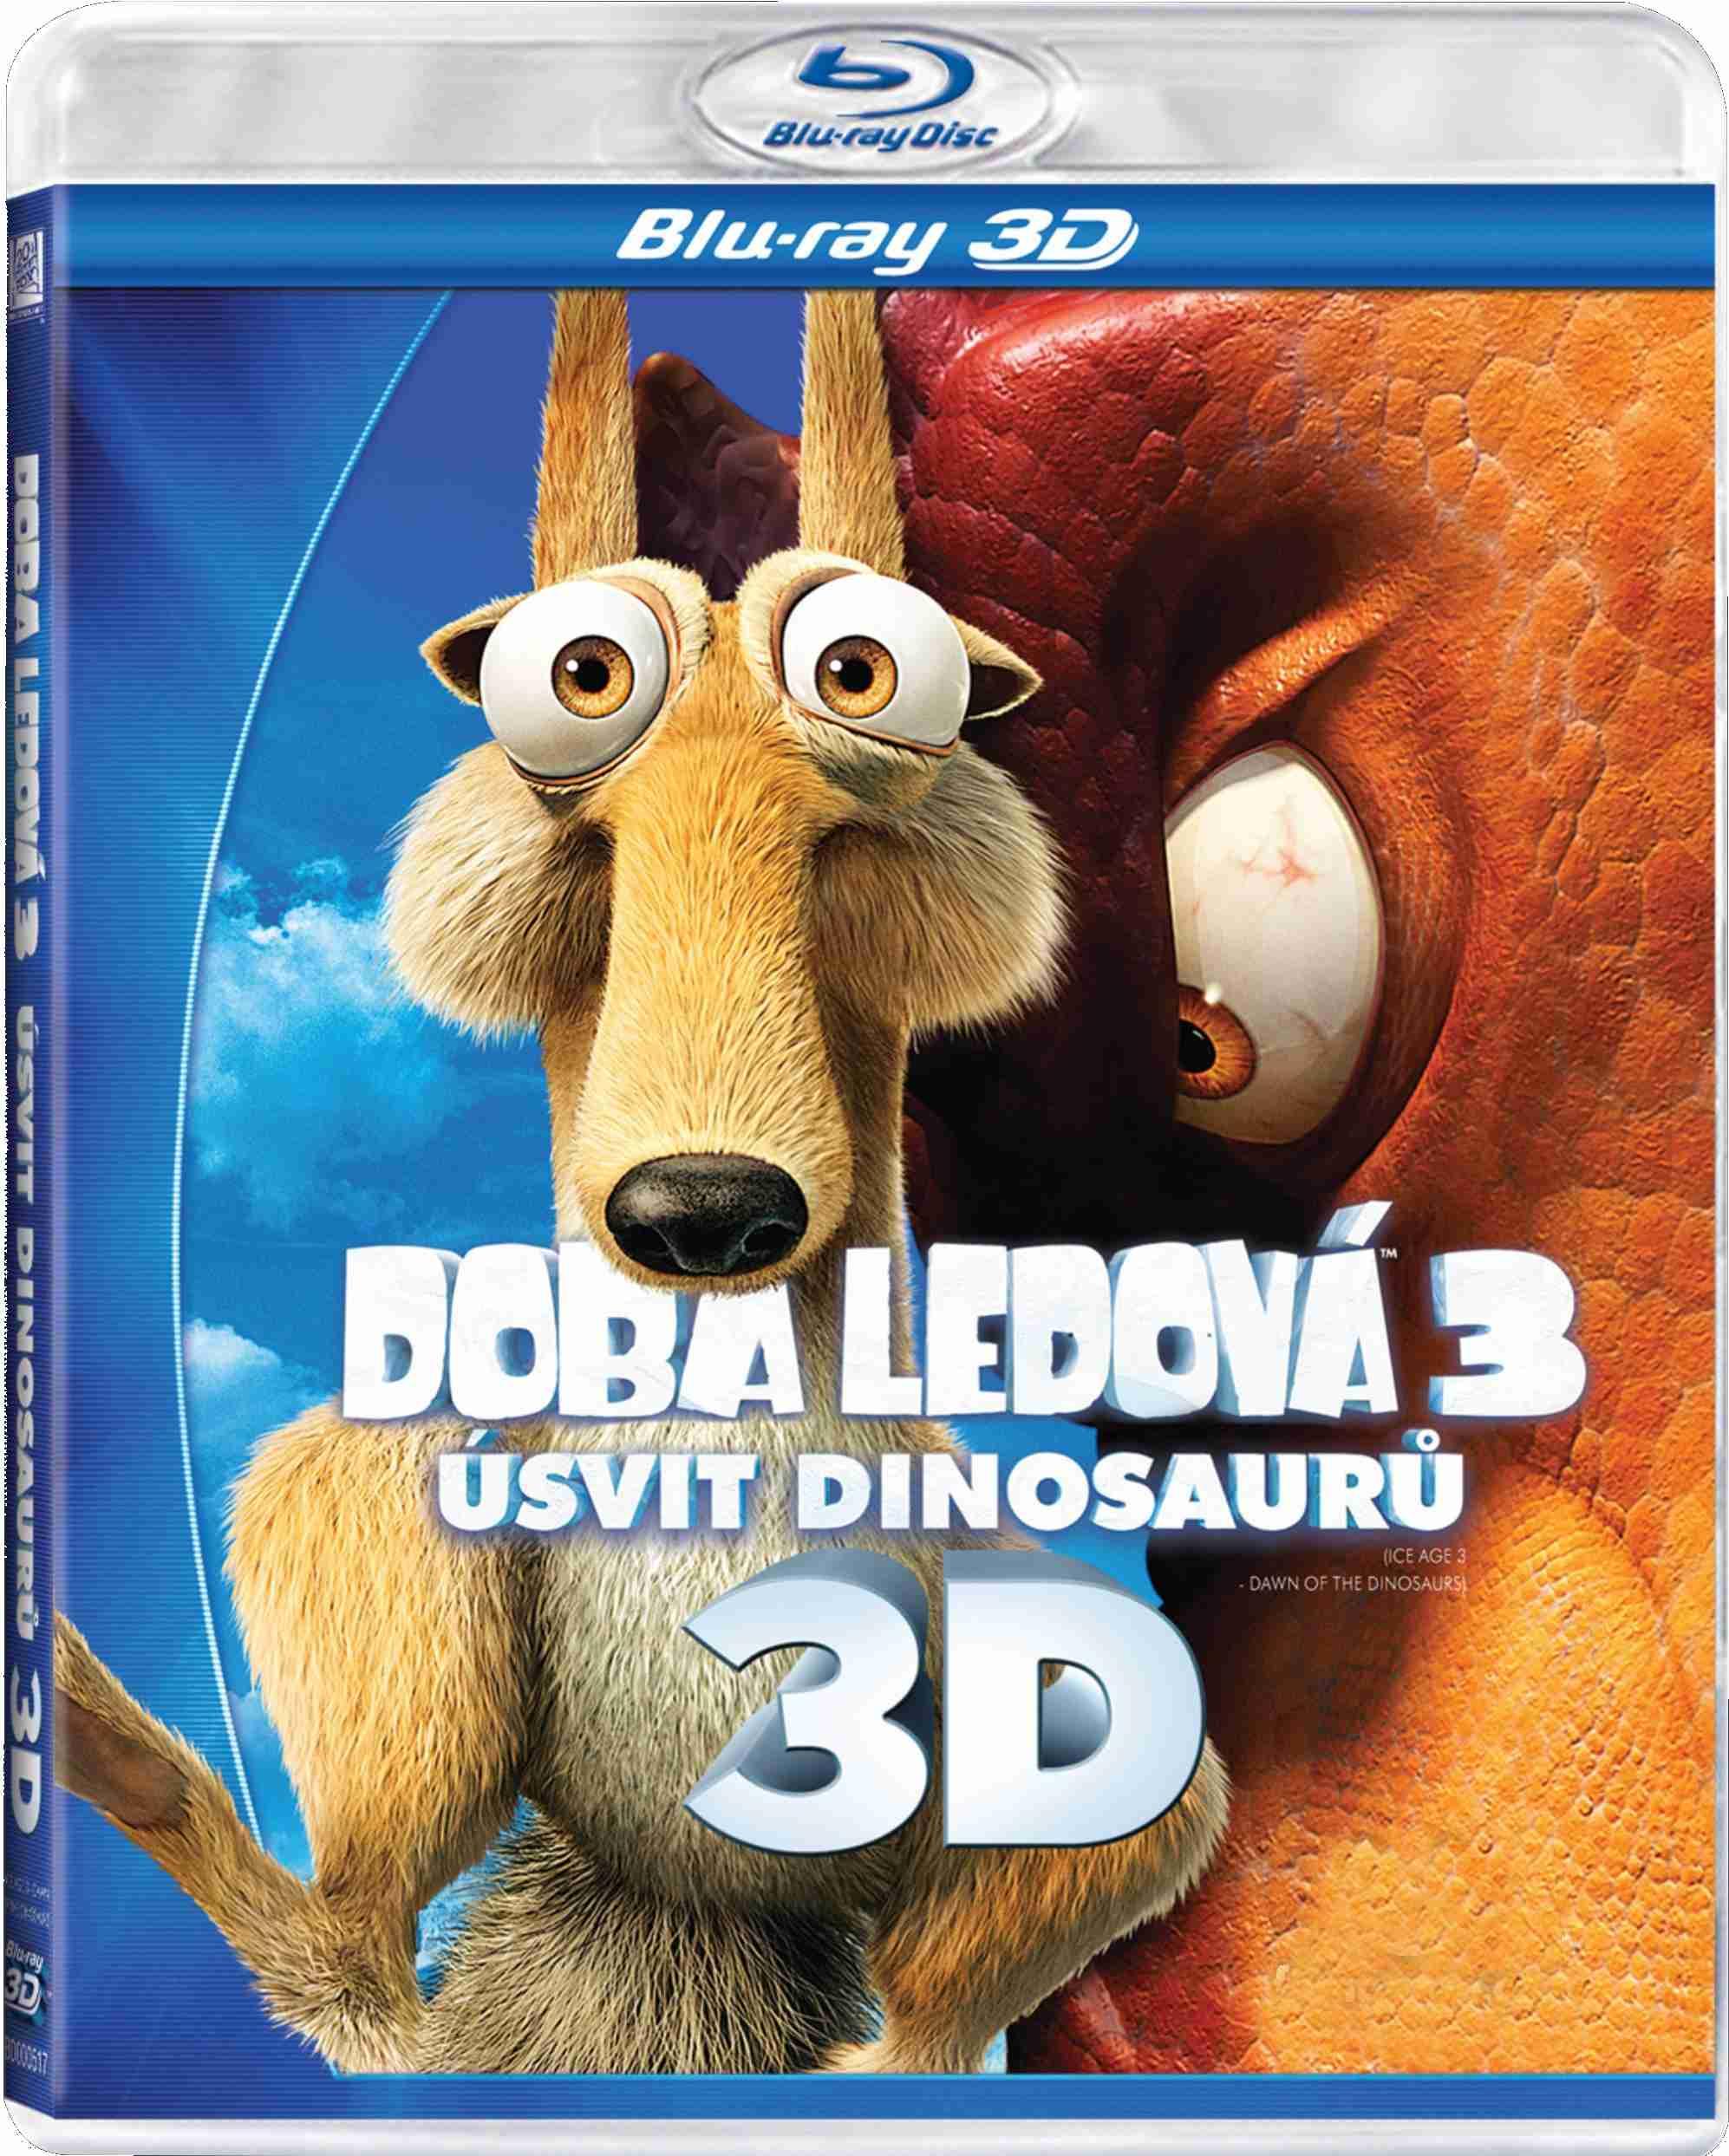 DOBA LEDOVÁ 3: ÚSVIT DINOSAURŮ 3D - Blu-ray 3D (1BD)